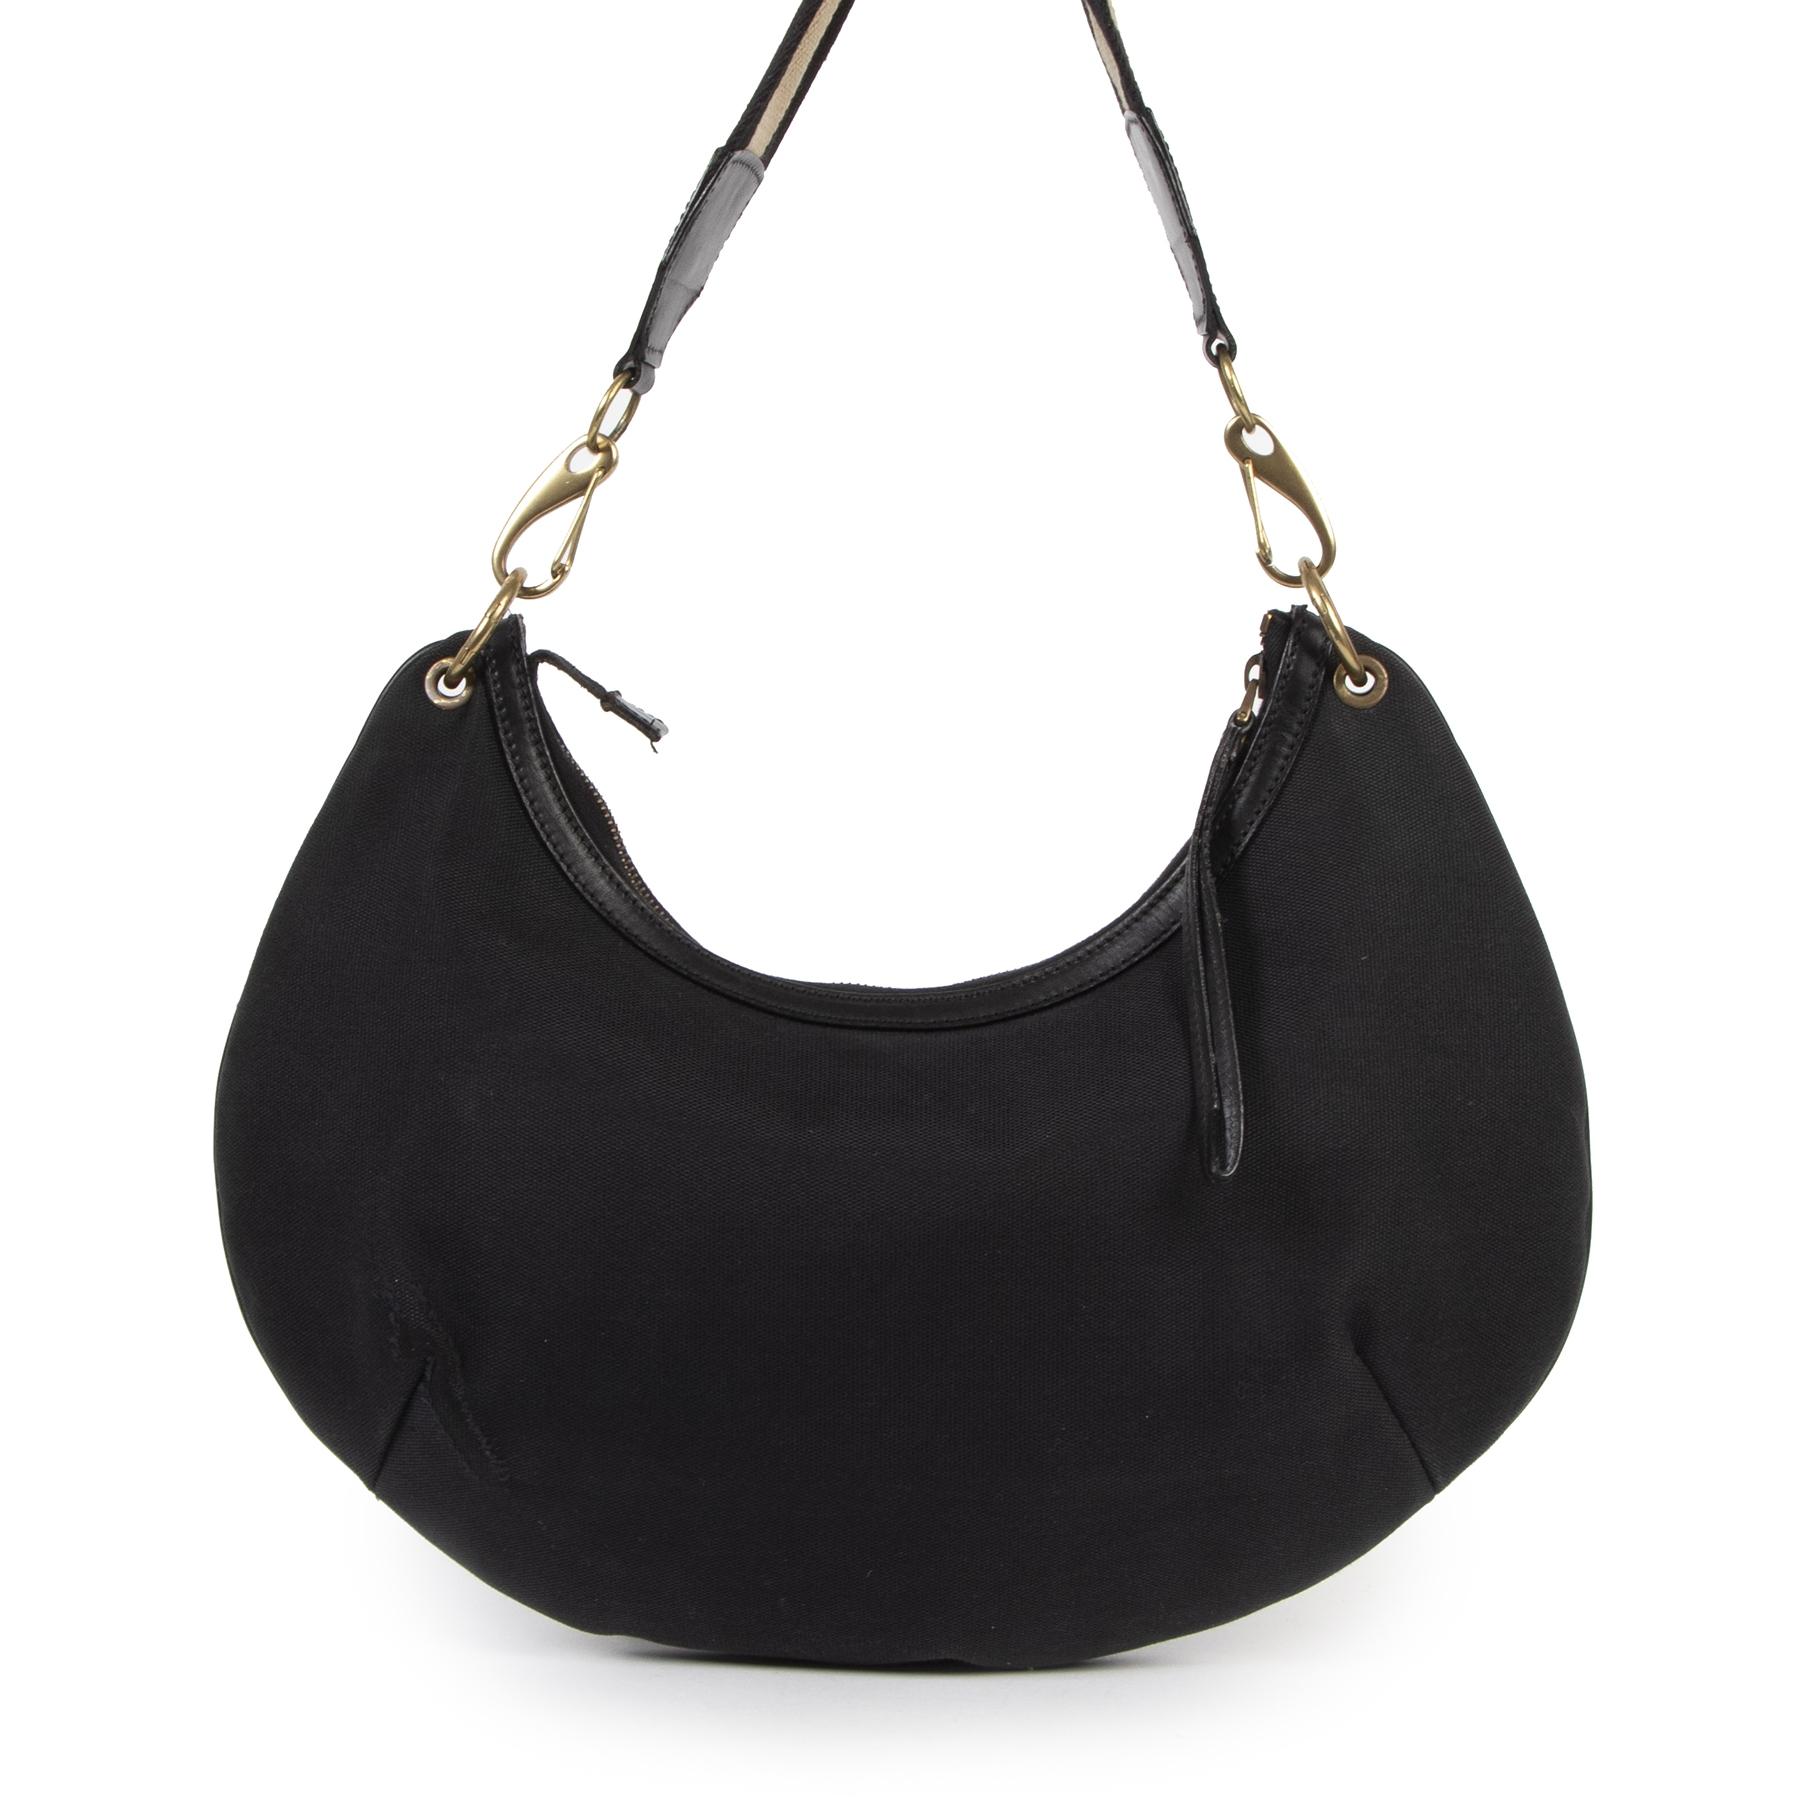 Authentieke Tweedehands Gucci Black Canvas Shoulder Bag juiste prijs veilig online shoppen luxe merken webshop winkelen Antwerpen België mode fashion